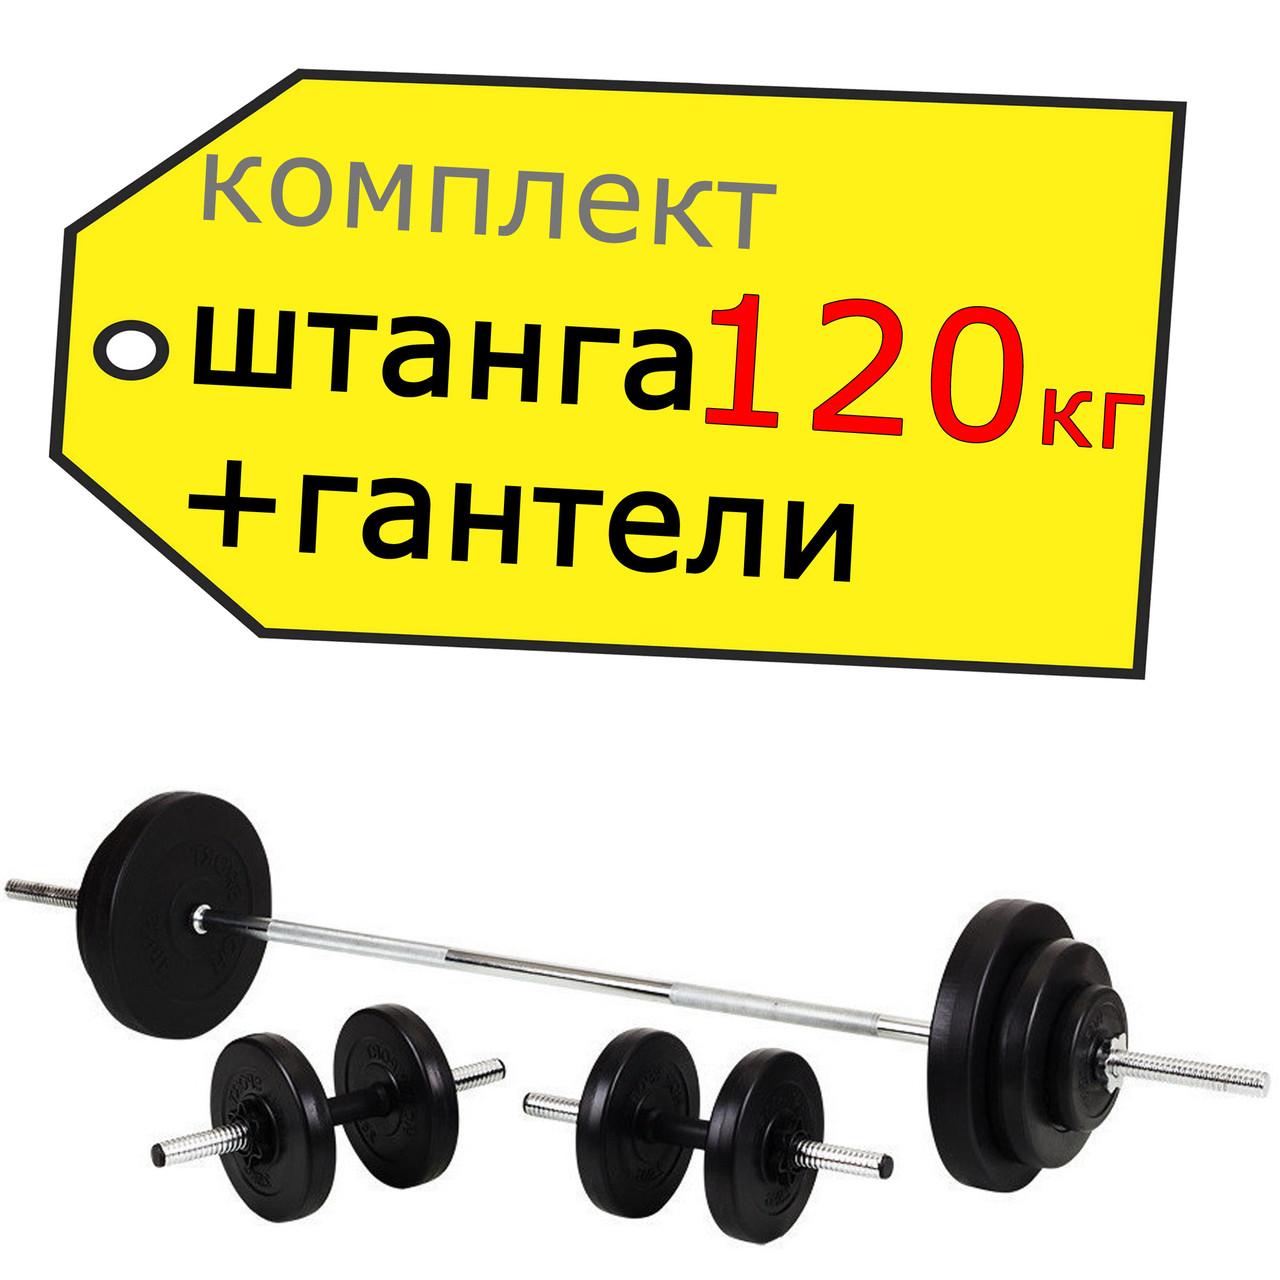 Гантели 2*26 кг + Штанга 120 кг (Комплект)